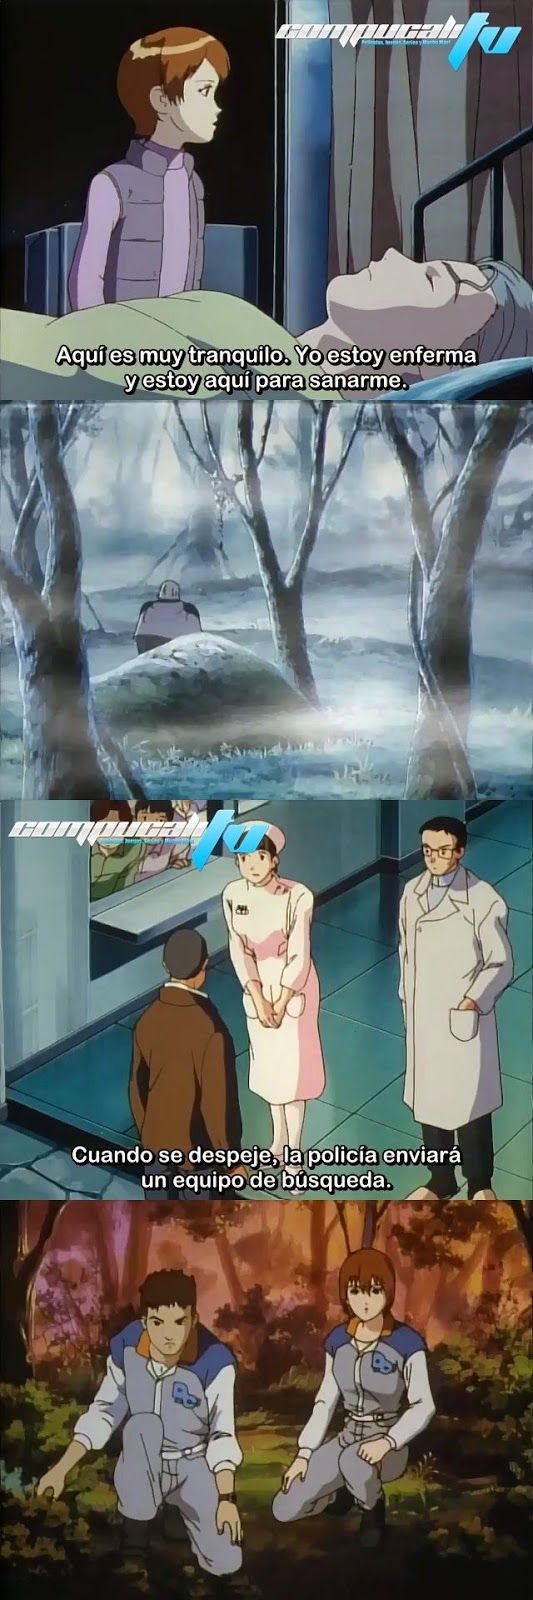 Este anime fue transmitido en Latinoamerica por locomotion siendo su primera emisión fue en el 1999, y es conocida como Cybaster Anime o Cybuster Anime Mega